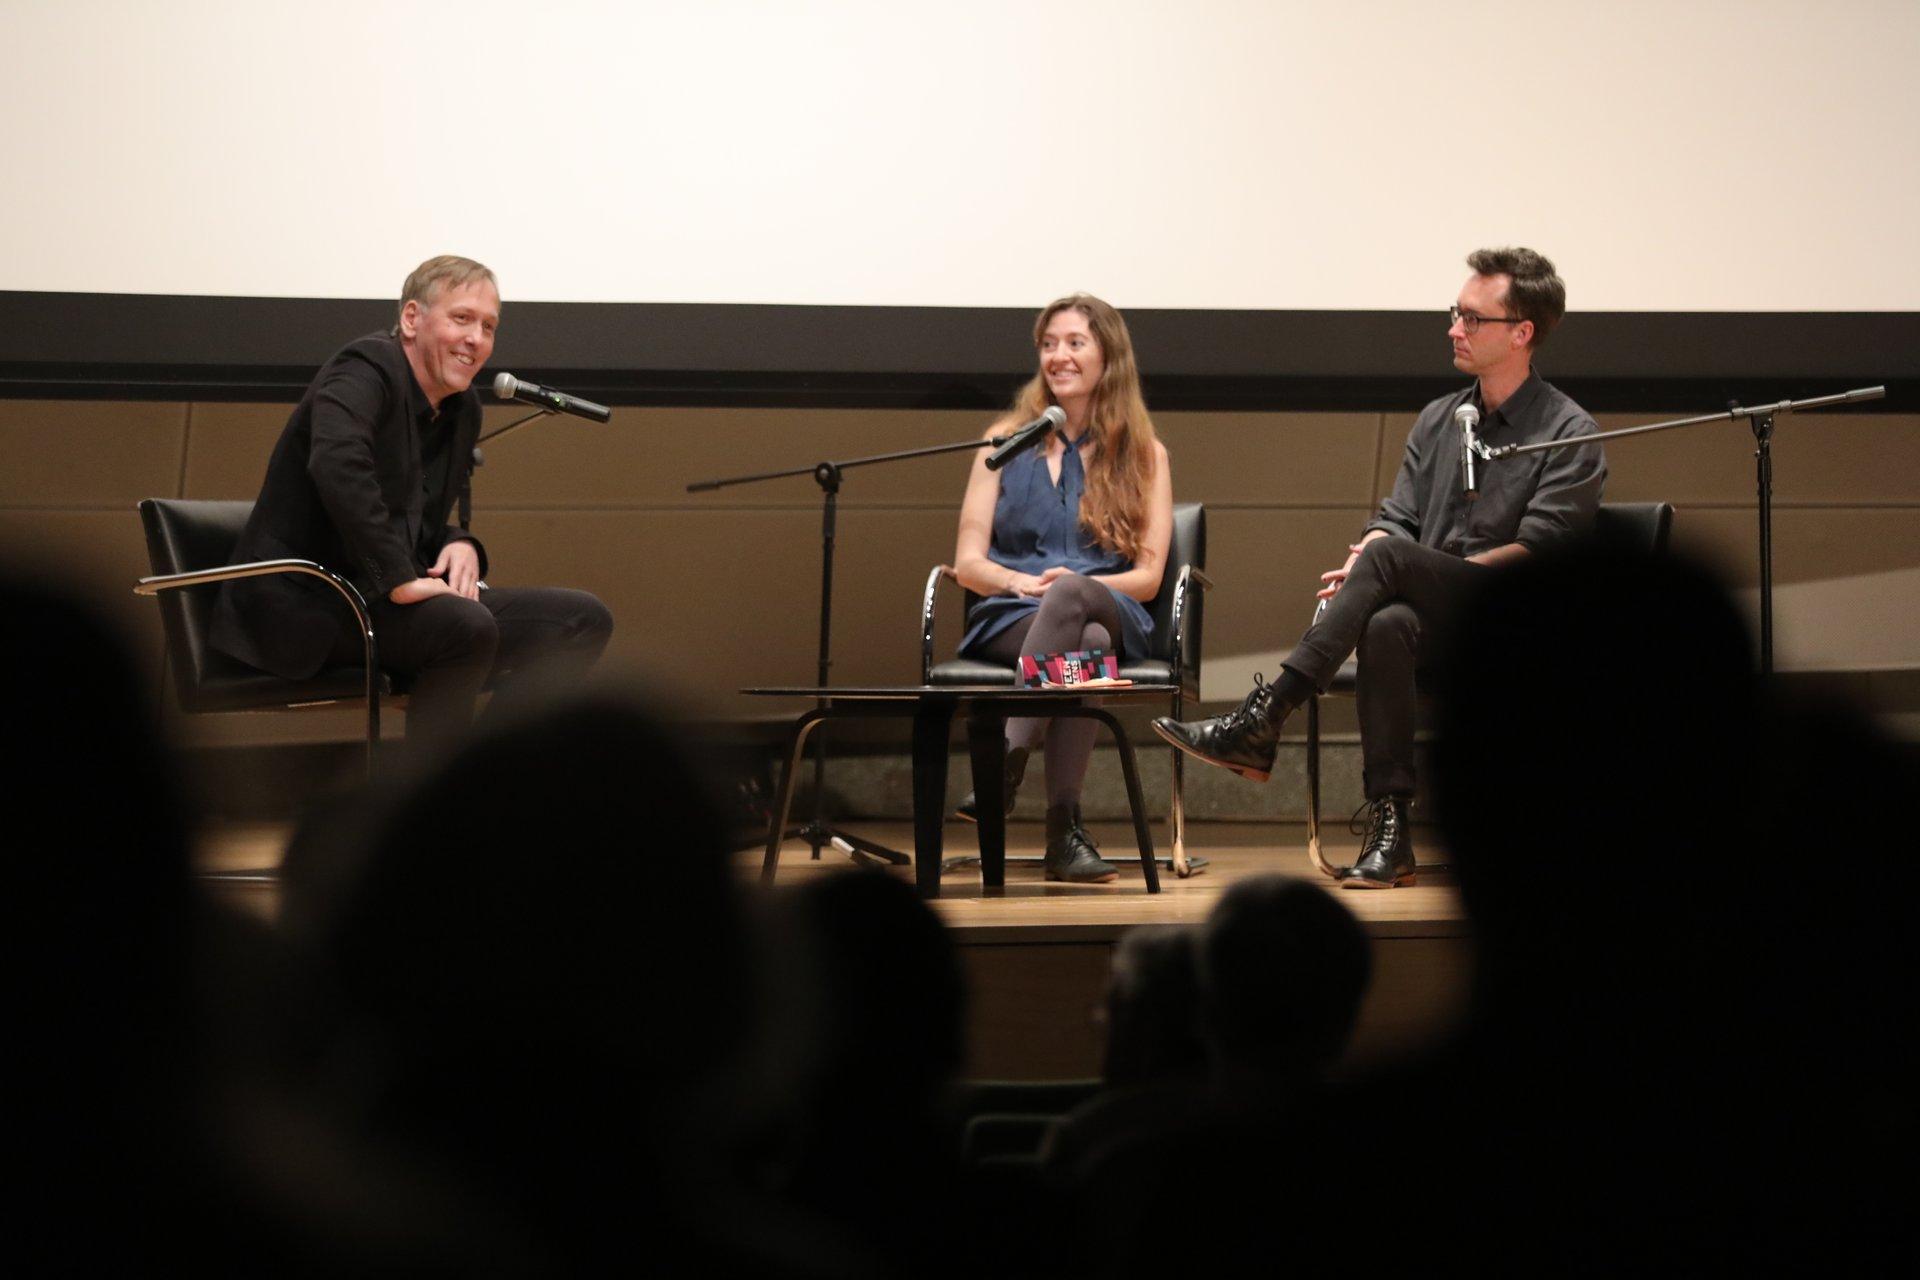 Between The Screens Panel with Lodge Kerrigan, Marielle Heller, and Matt Porterfield 2020